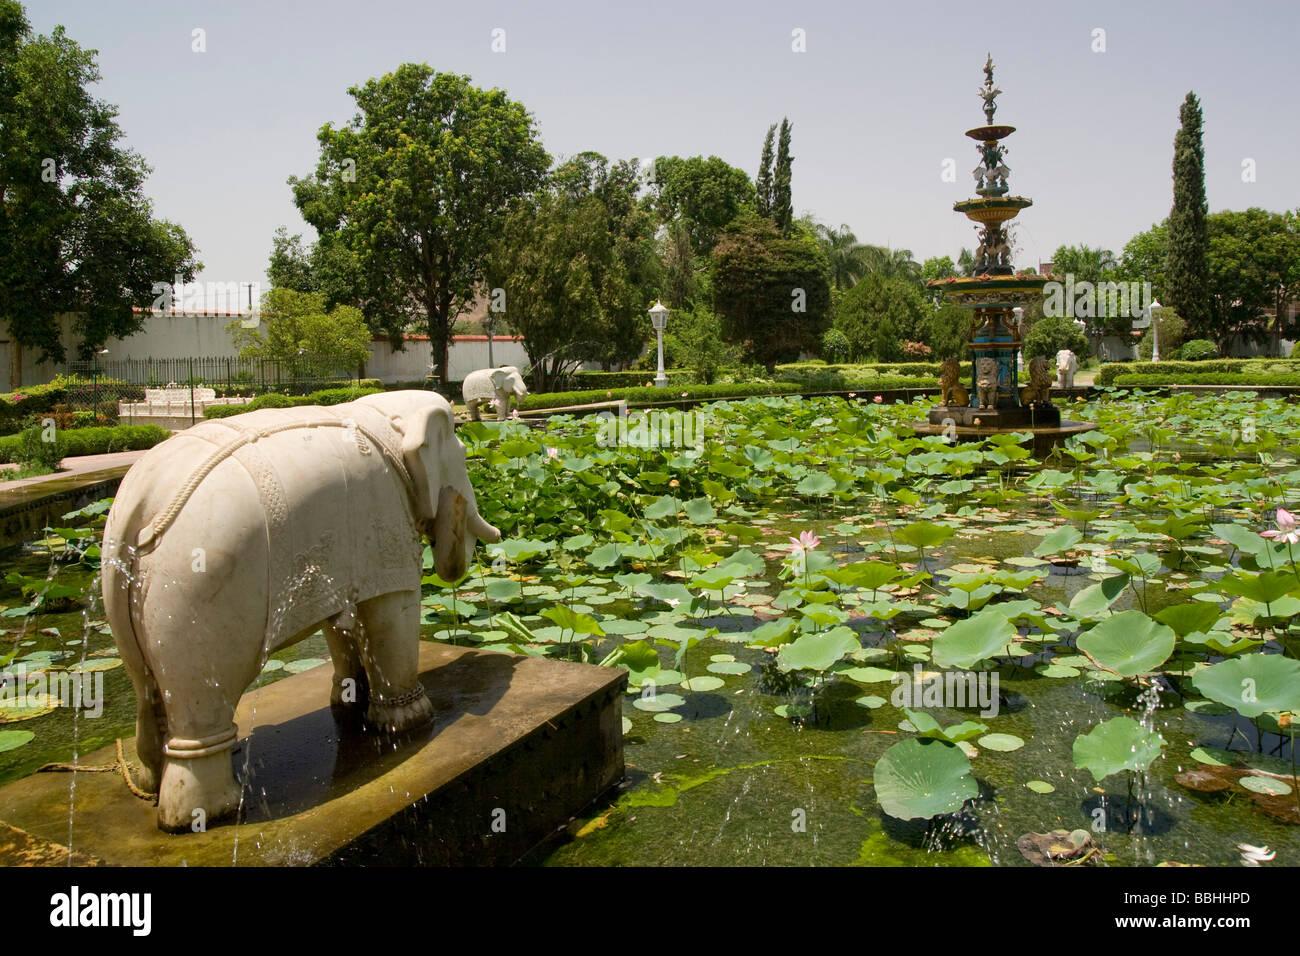 India Rajasthan Udaipur Saheliyon Ki Bari Gardens